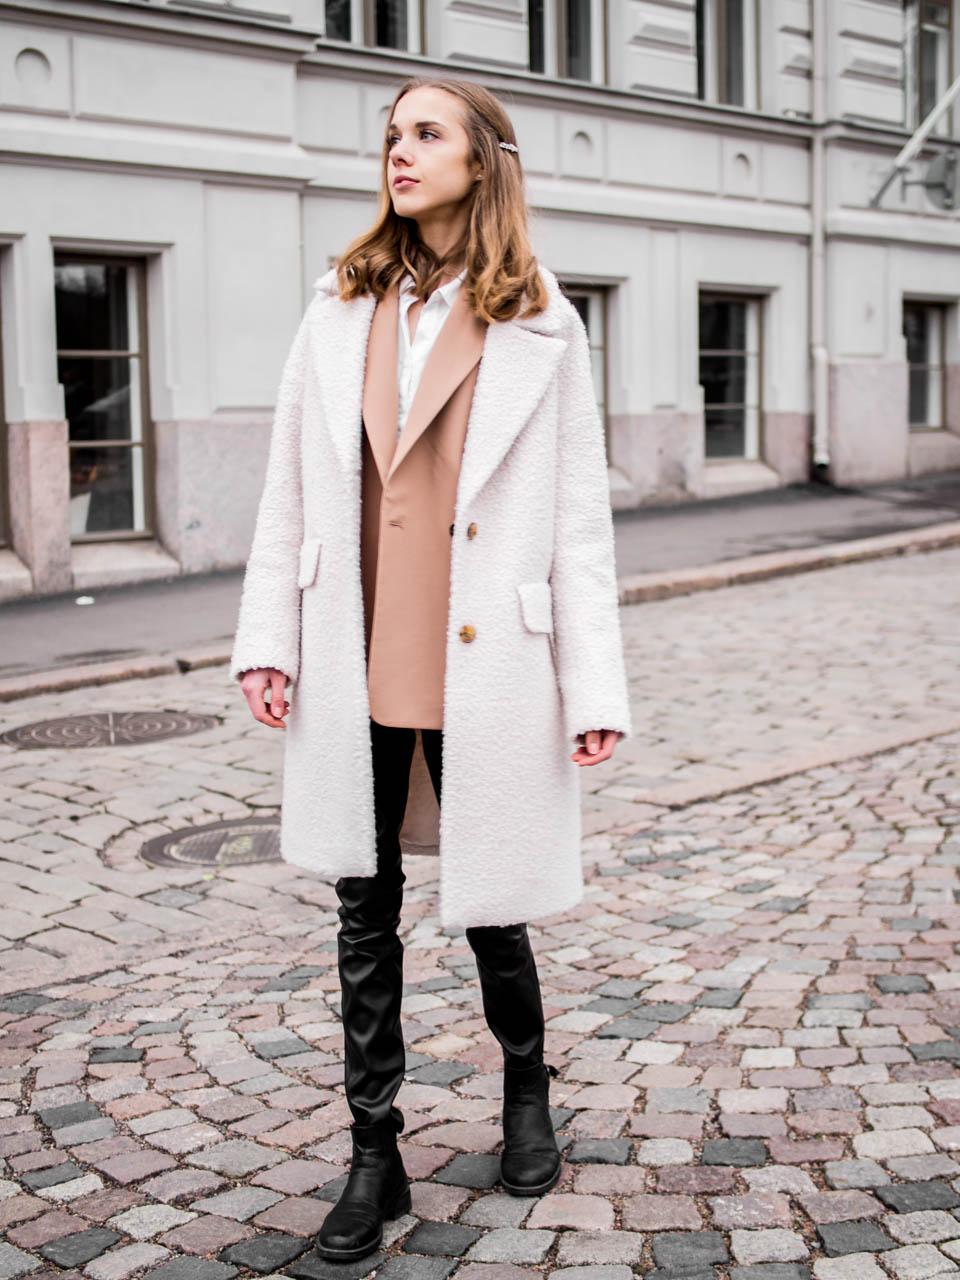 Fashion blogger winter streetstyle - Muotibloggaaja, talvimuoti, Helsinki